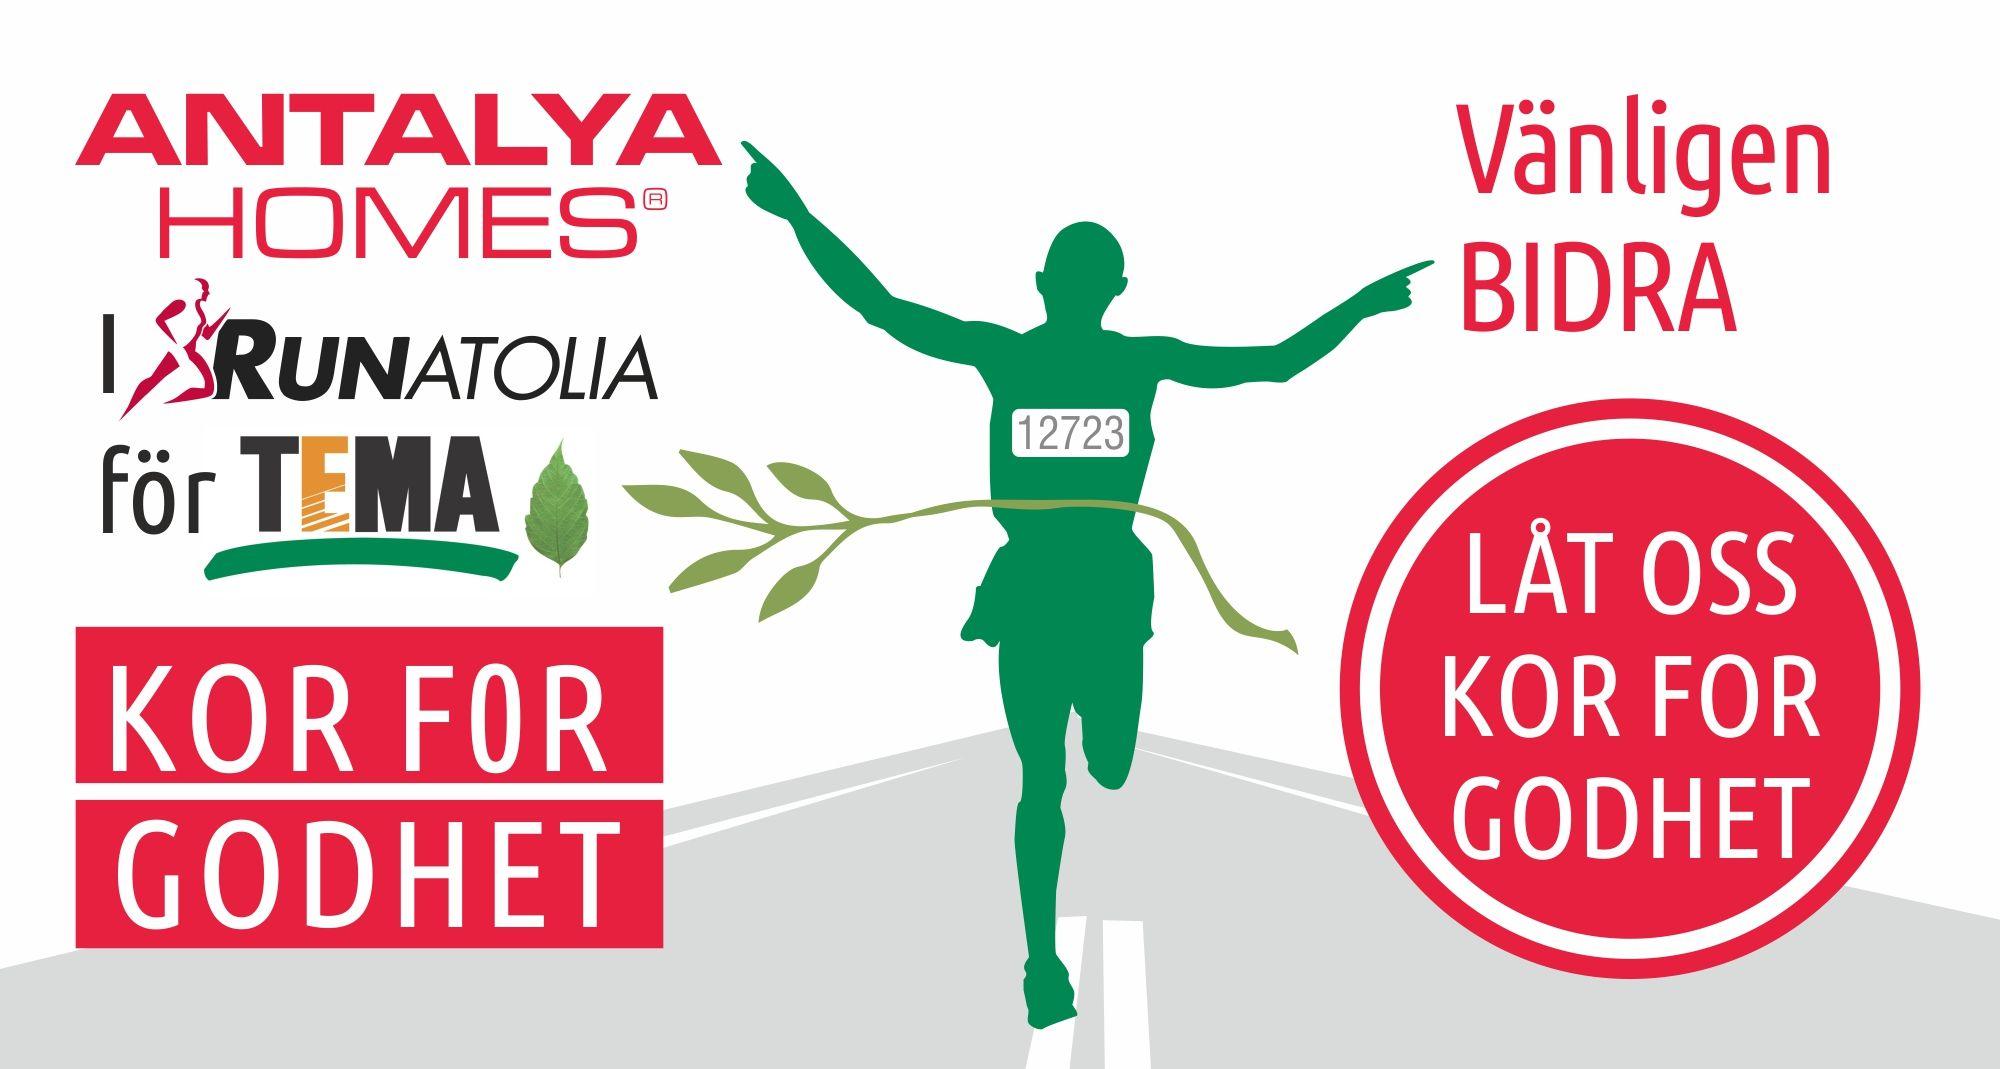 Antalya Homes gå med till stöd TEMA Stiftelsen i 13.Runatolia Maraton den 4 Mars. Låt oss gå med oss, våre skritt i forfølgelse av godhet blir enda sterkere.